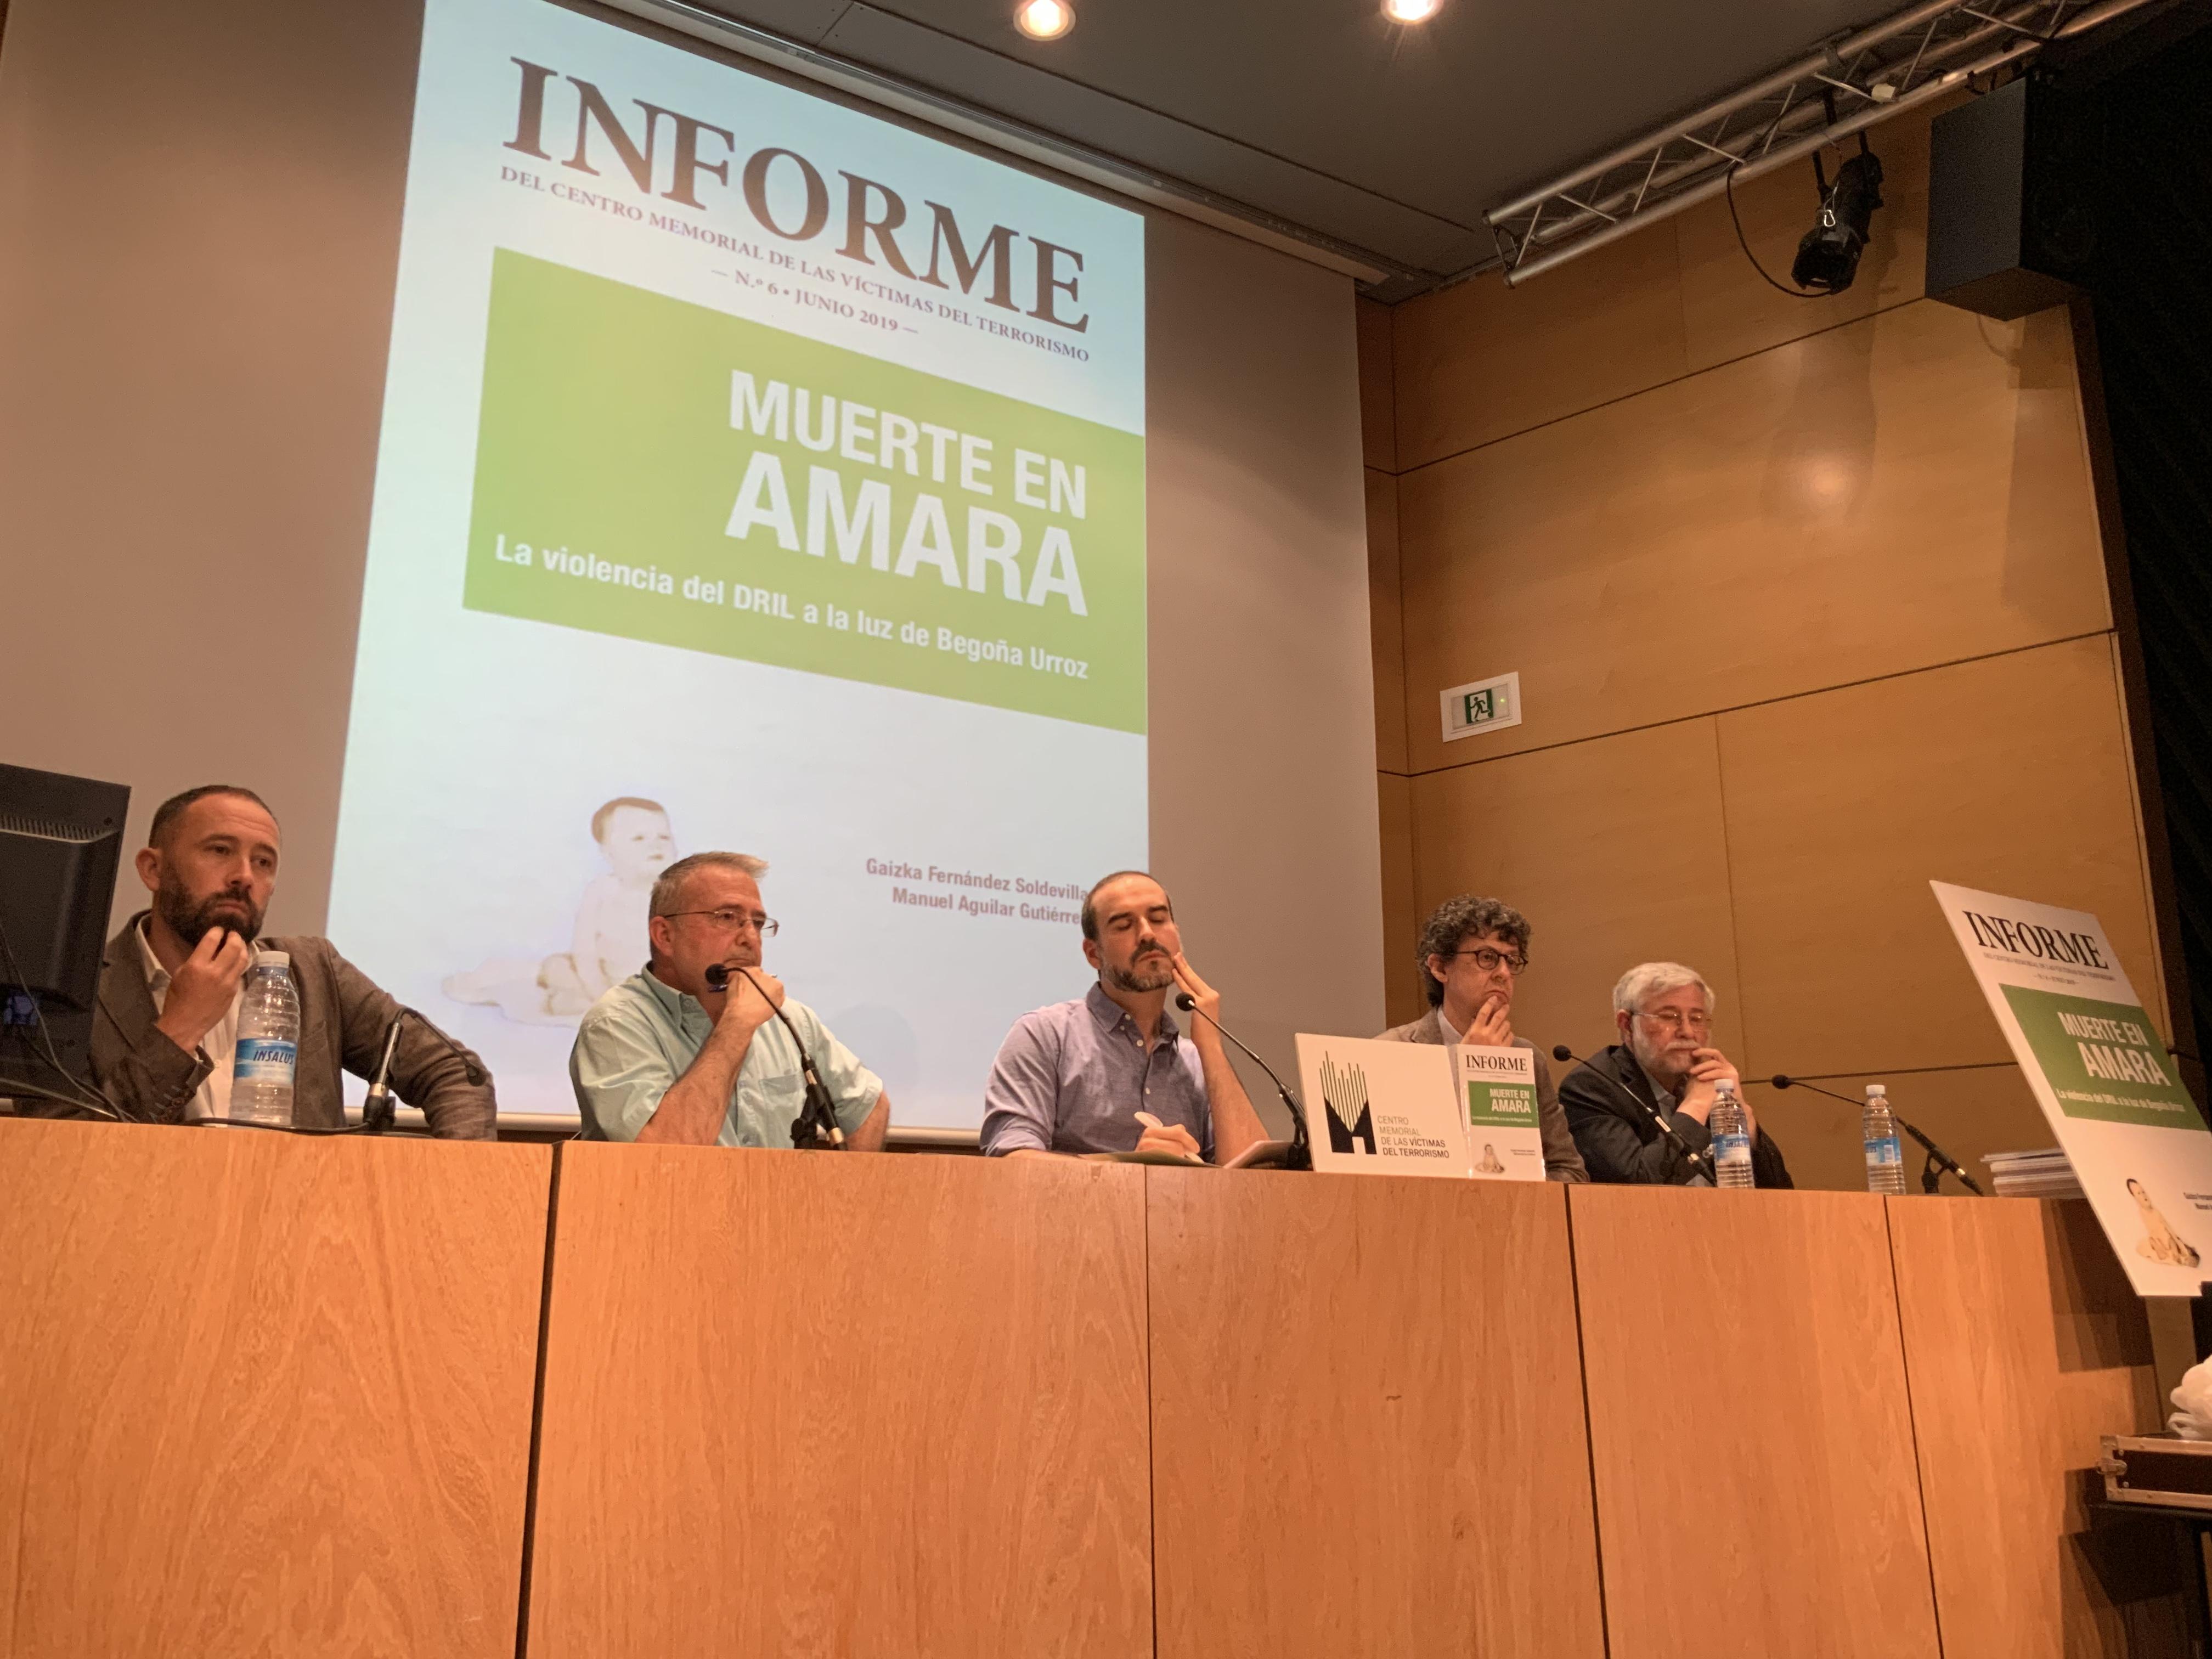 """Presentación Del Informe Número 6 """"Muerte En Amara. La Violencia Del DRIL A La Luz De Begoña Urroz"""""""